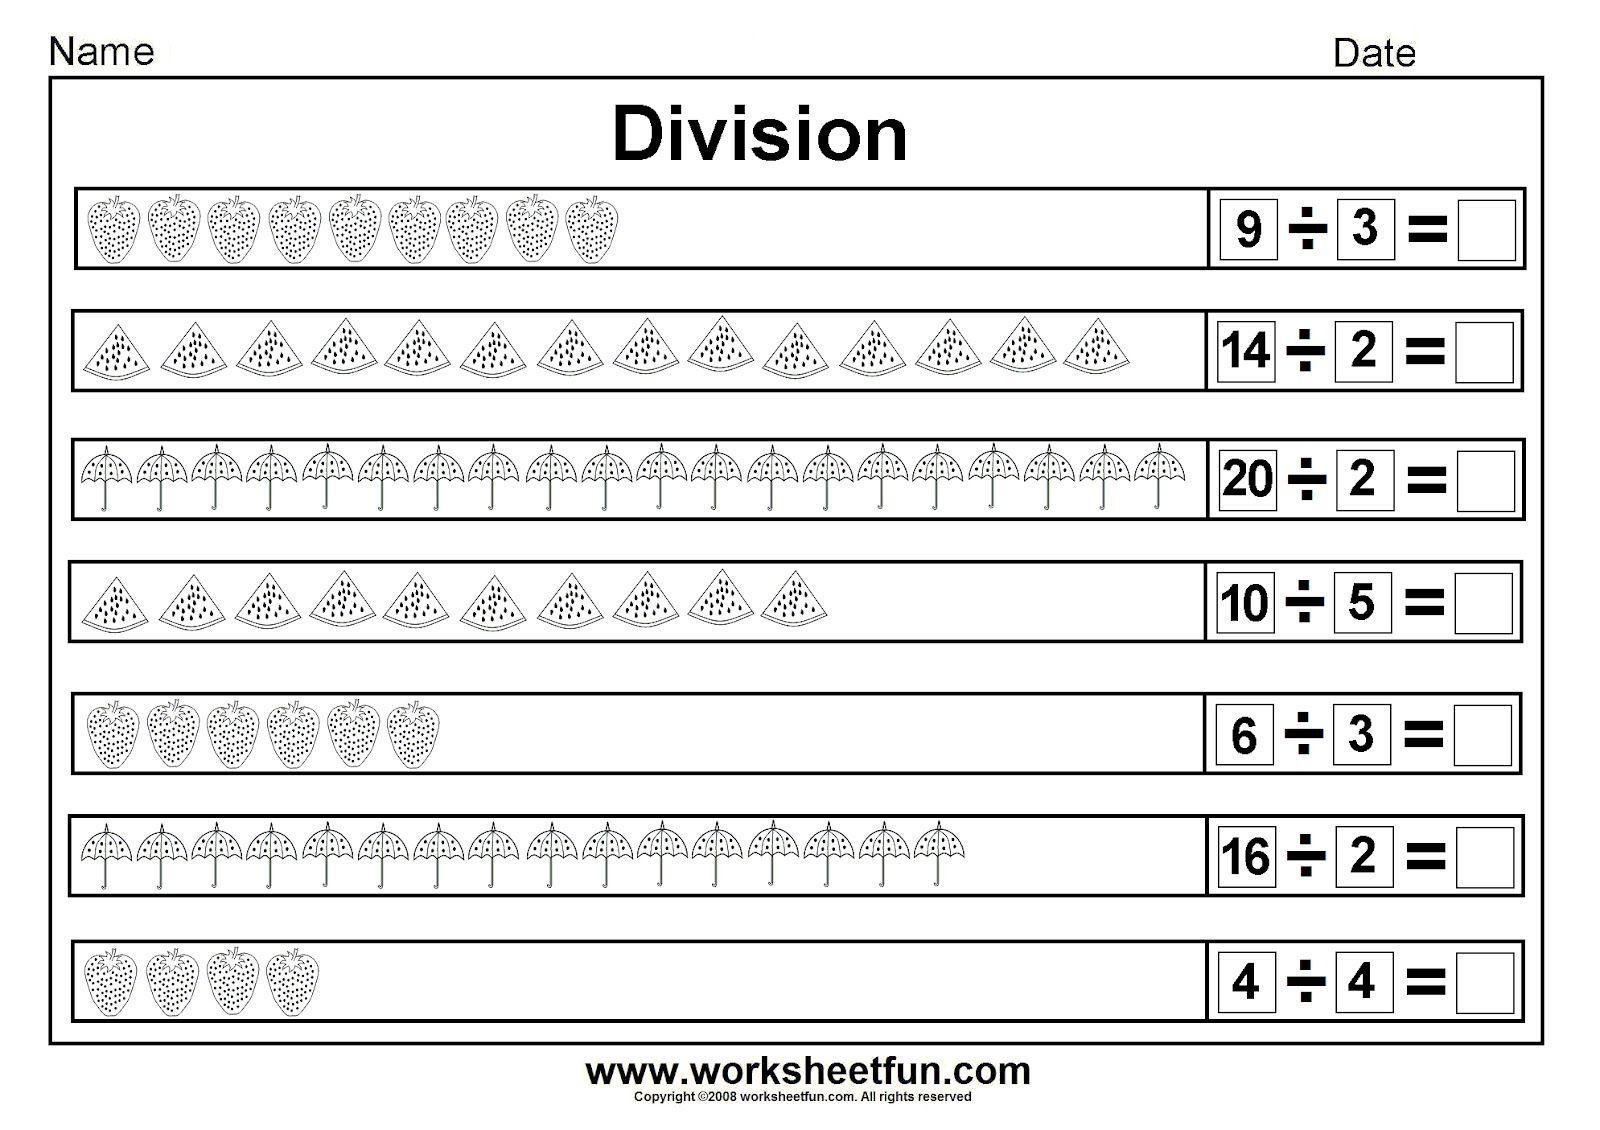 division worksheets beginner division worksheets picture division sharing equally 14. Black Bedroom Furniture Sets. Home Design Ideas